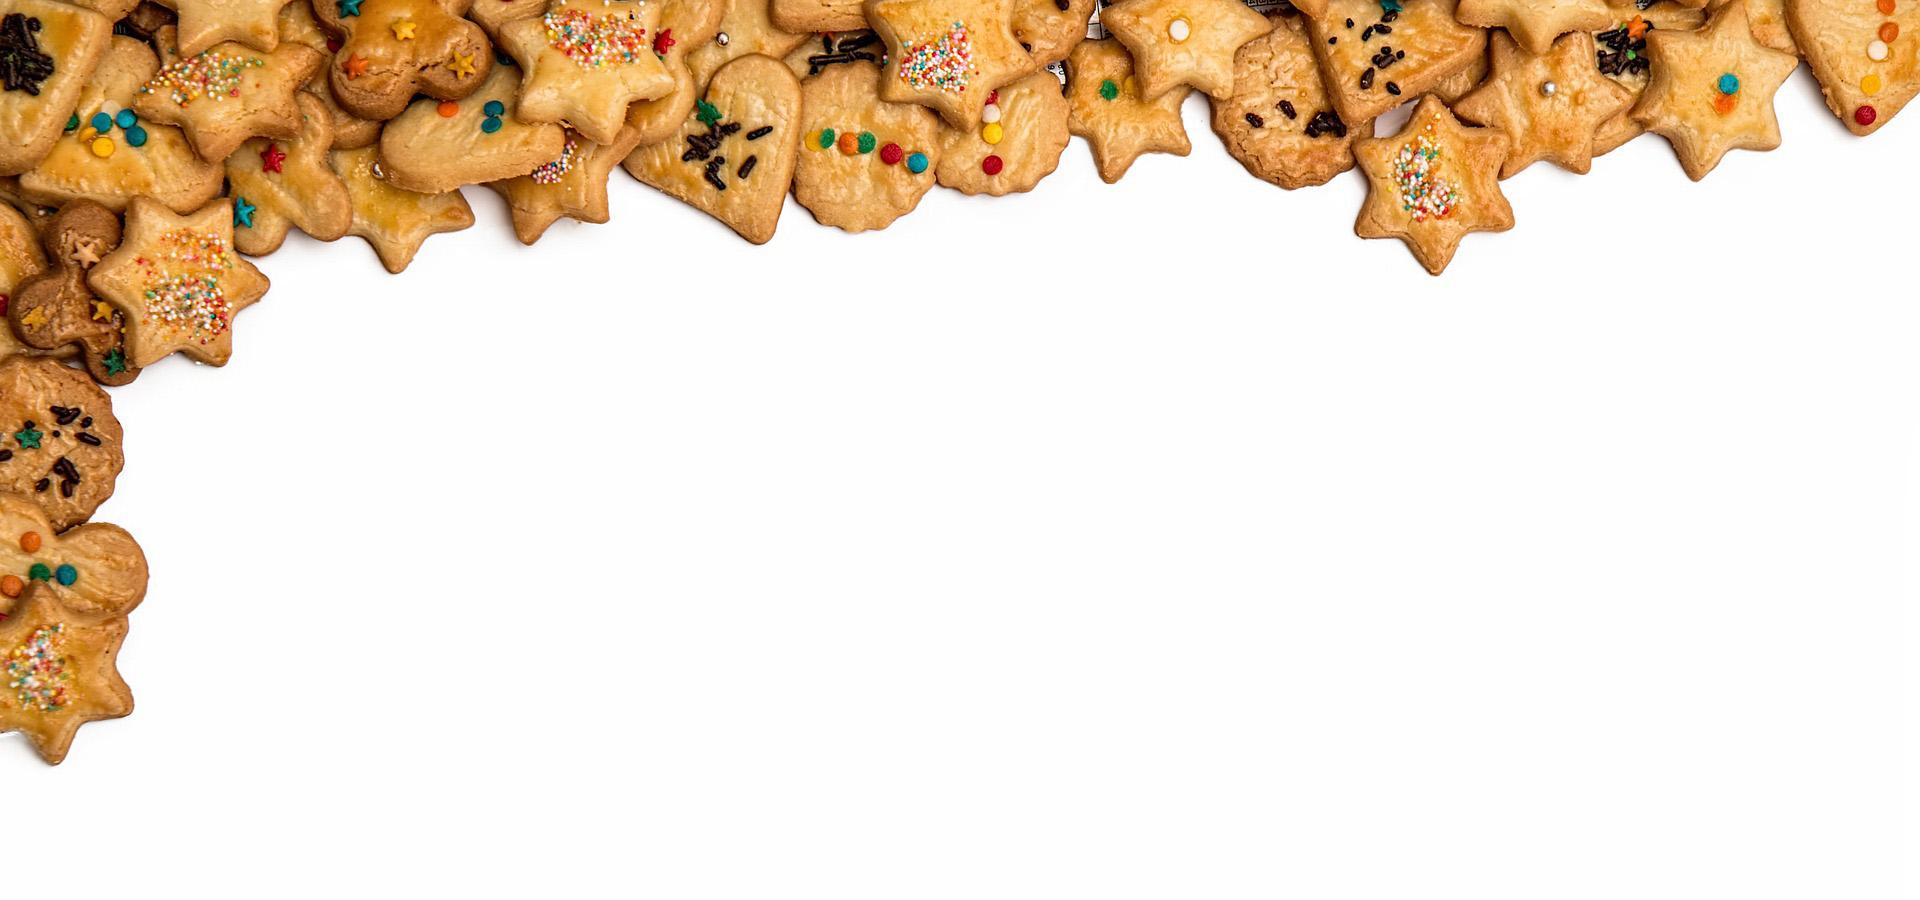 bordure de no u00ebl bordure de no u00ebl biscuit papier peint image